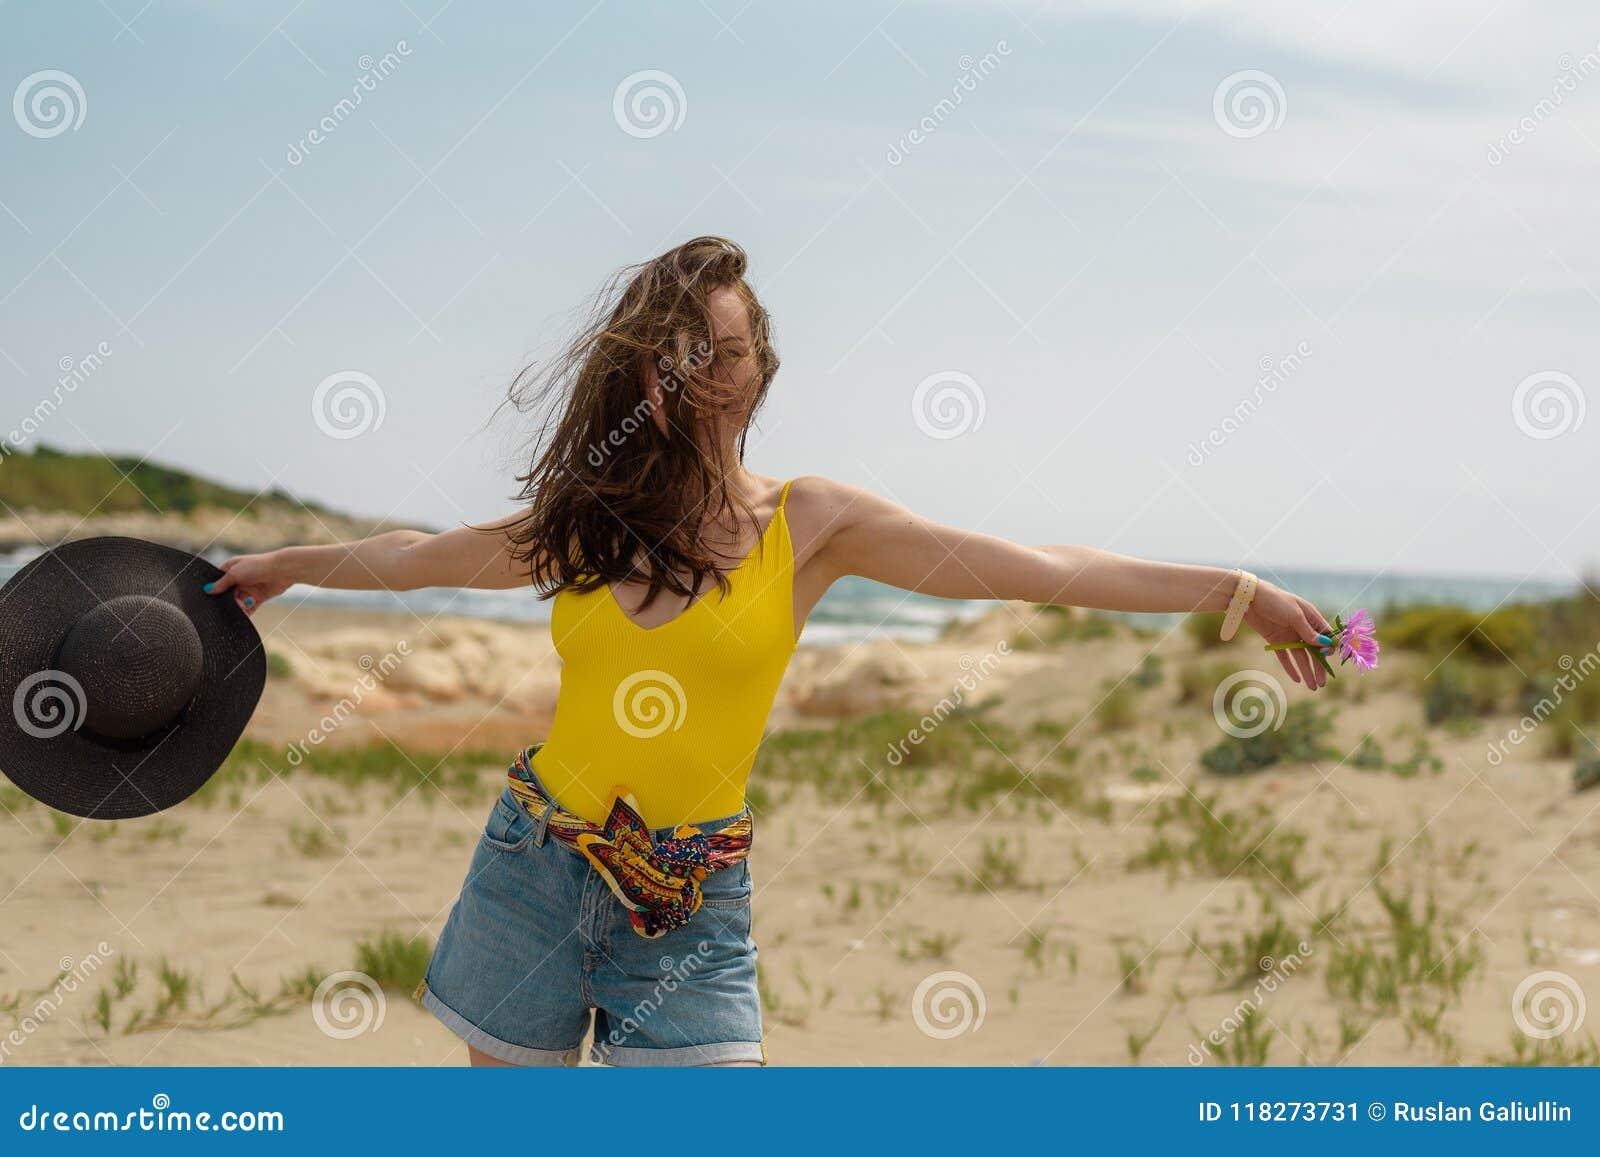 De vrouw geniet van lopend op het zand op de kust